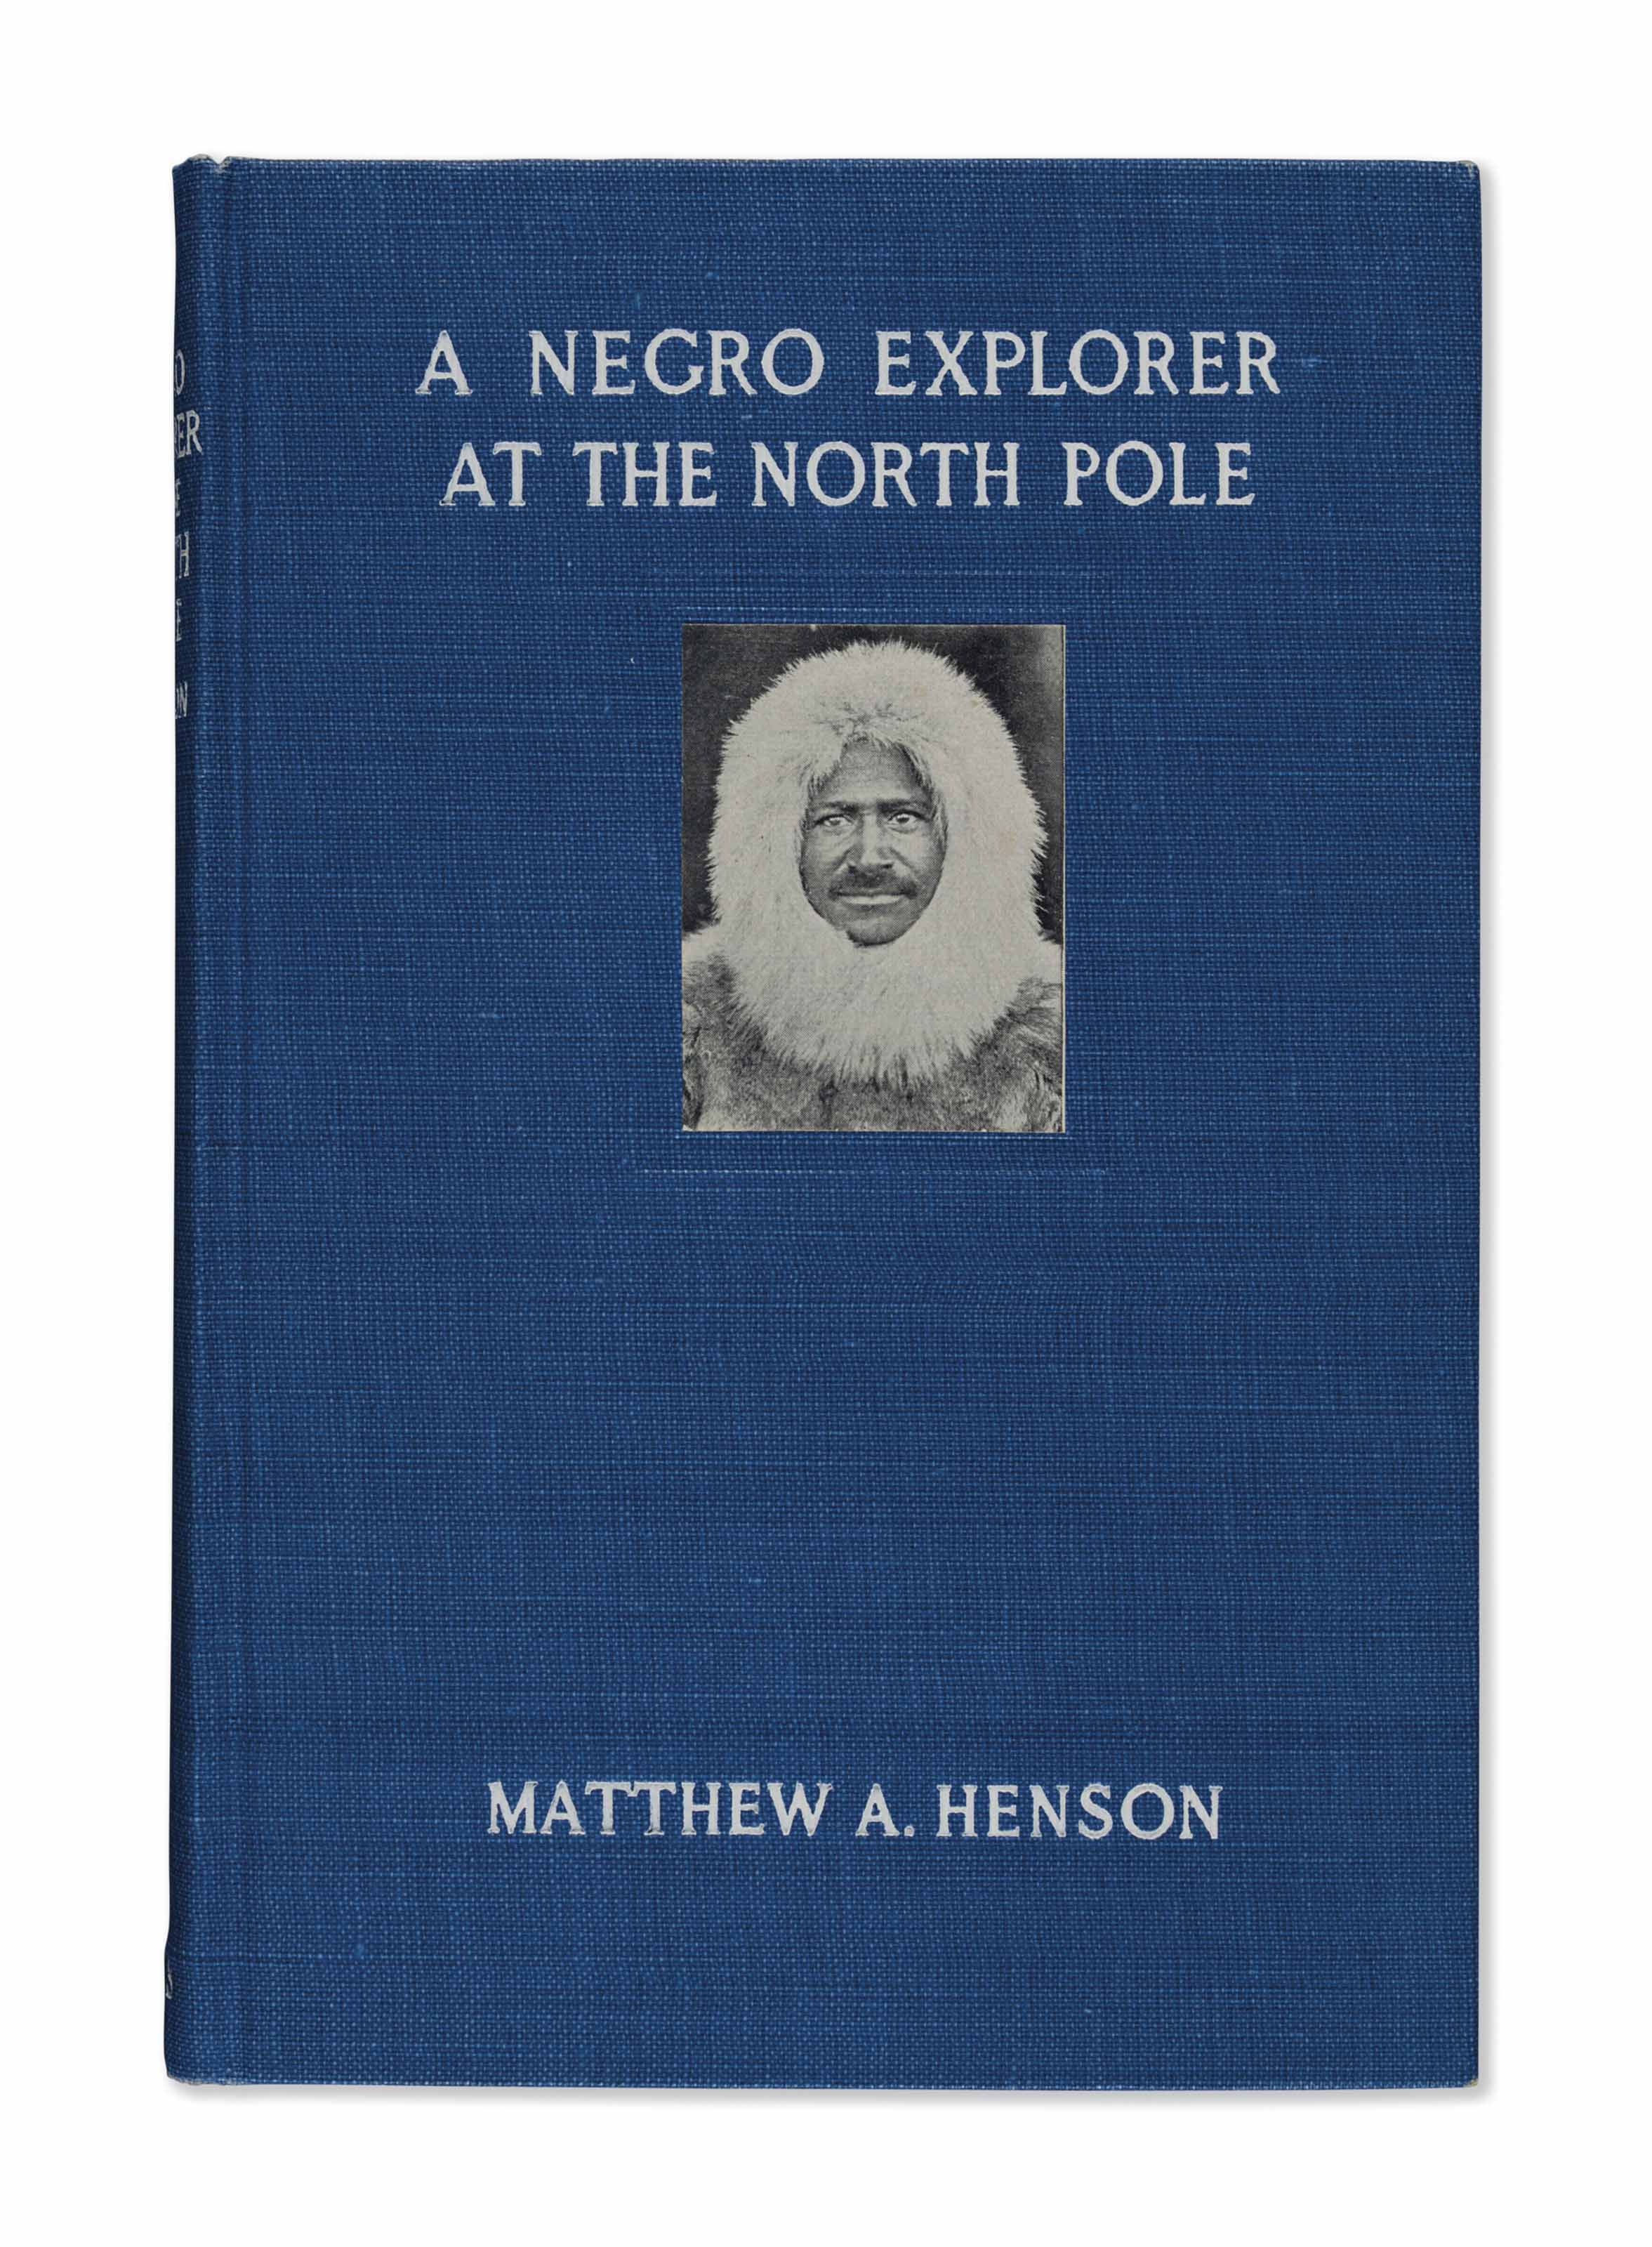 HENSON, Matthew A. (1866-1955)